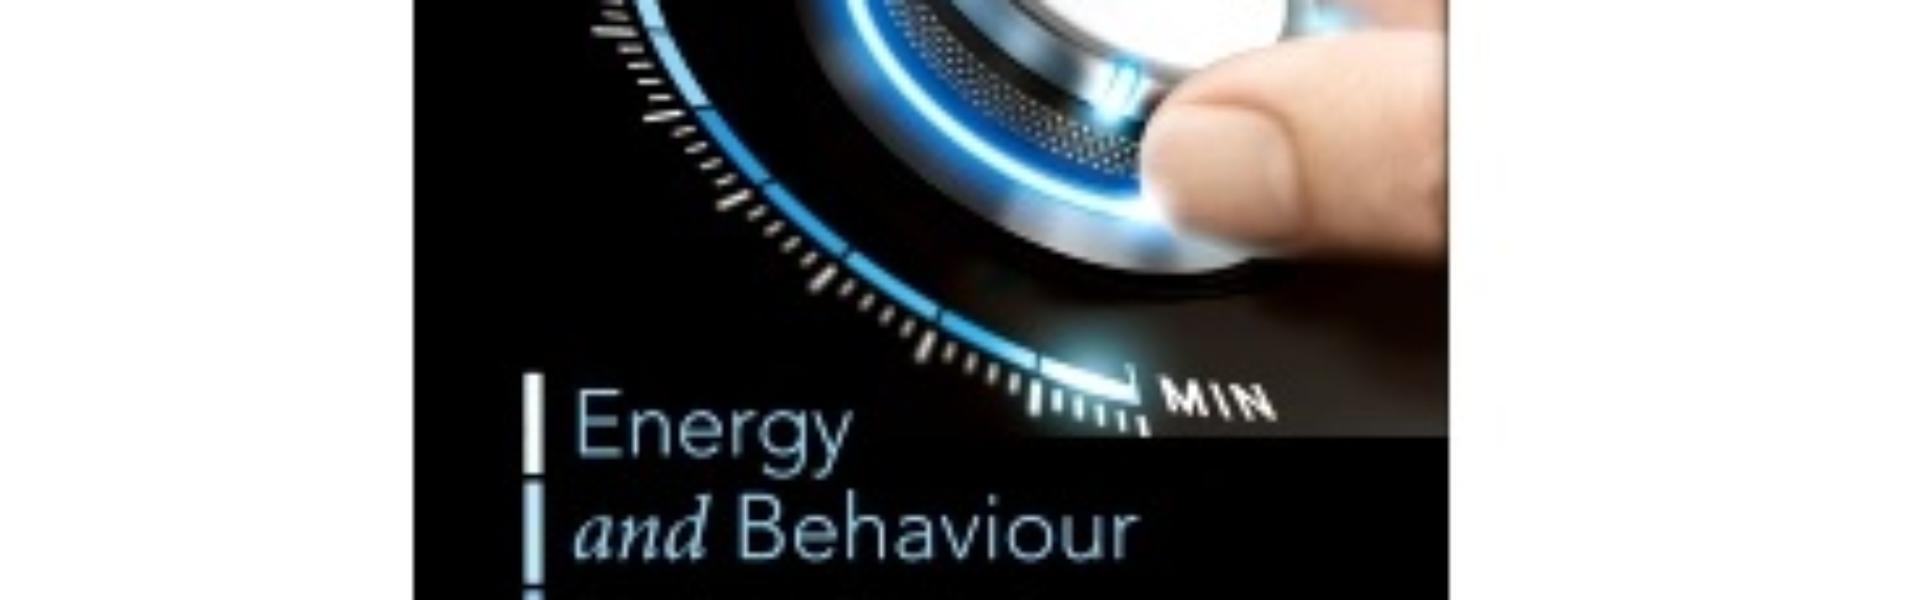 """Apresentação do livro """"Energy and behaviours: Challenges of a Low-Carbon Future"""""""